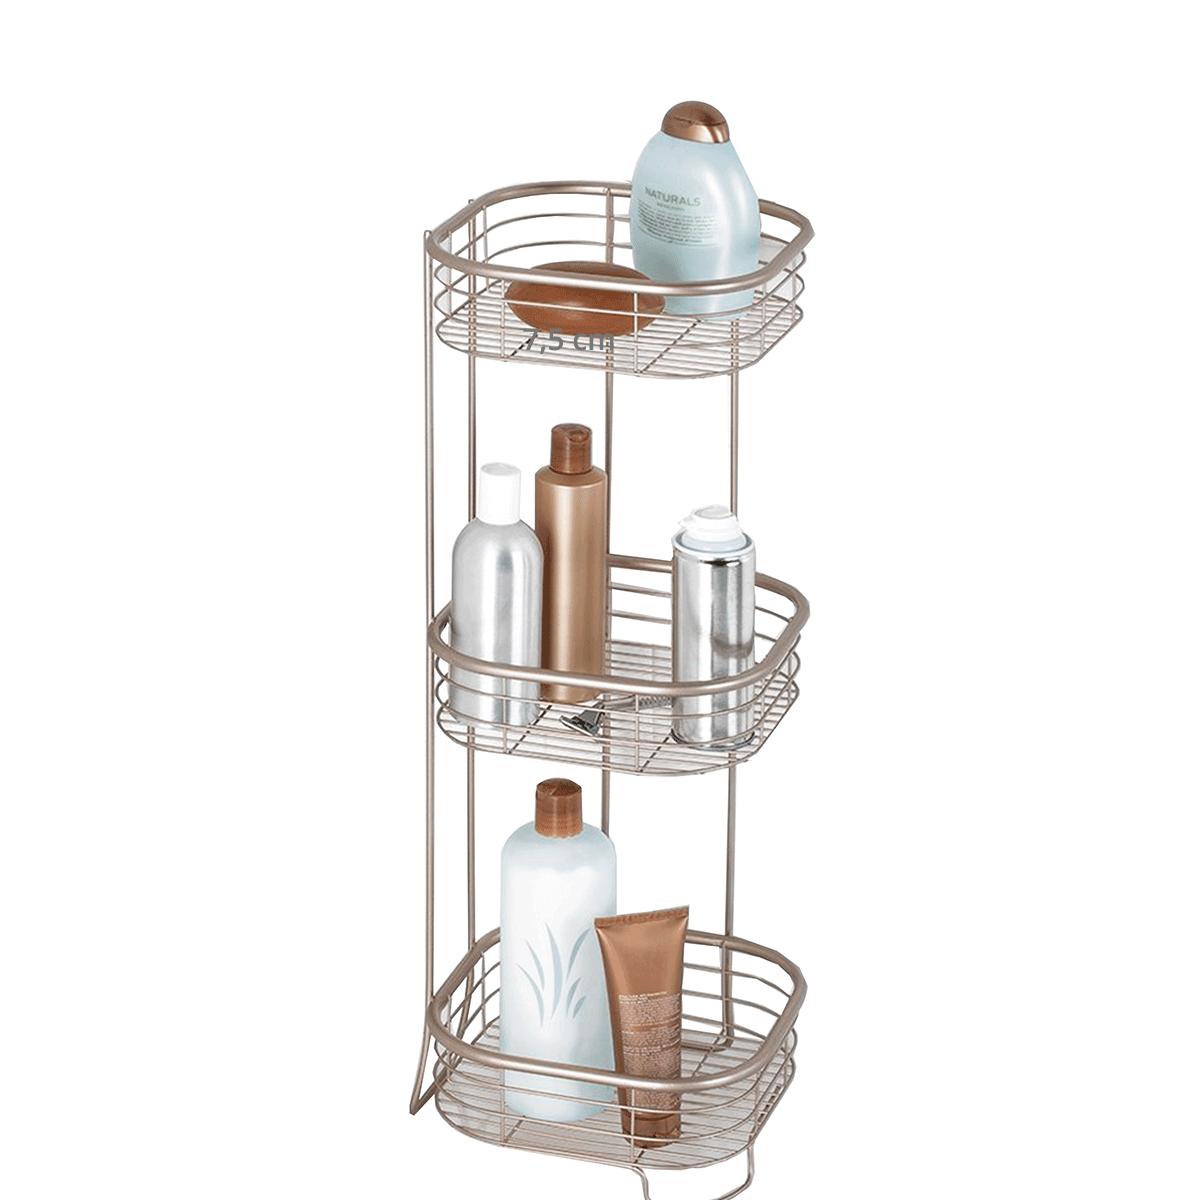 etag re de salle de bain m tal inoxydable 3 niveaux. Black Bedroom Furniture Sets. Home Design Ideas